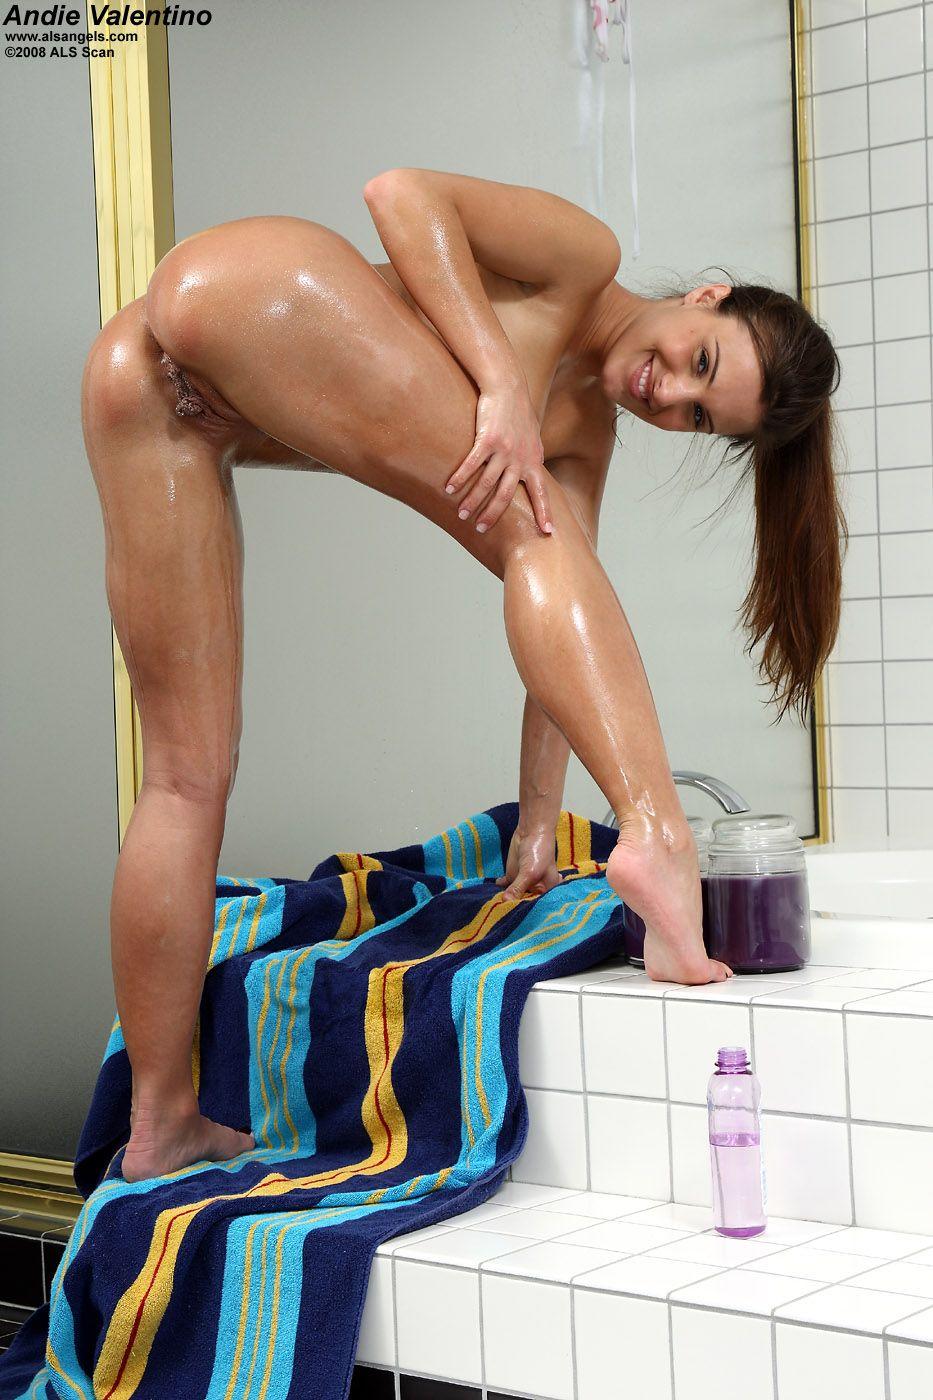 Andie Valentino намазывает маслом свое шикарное голое тело и дрочит скользко и роскошно